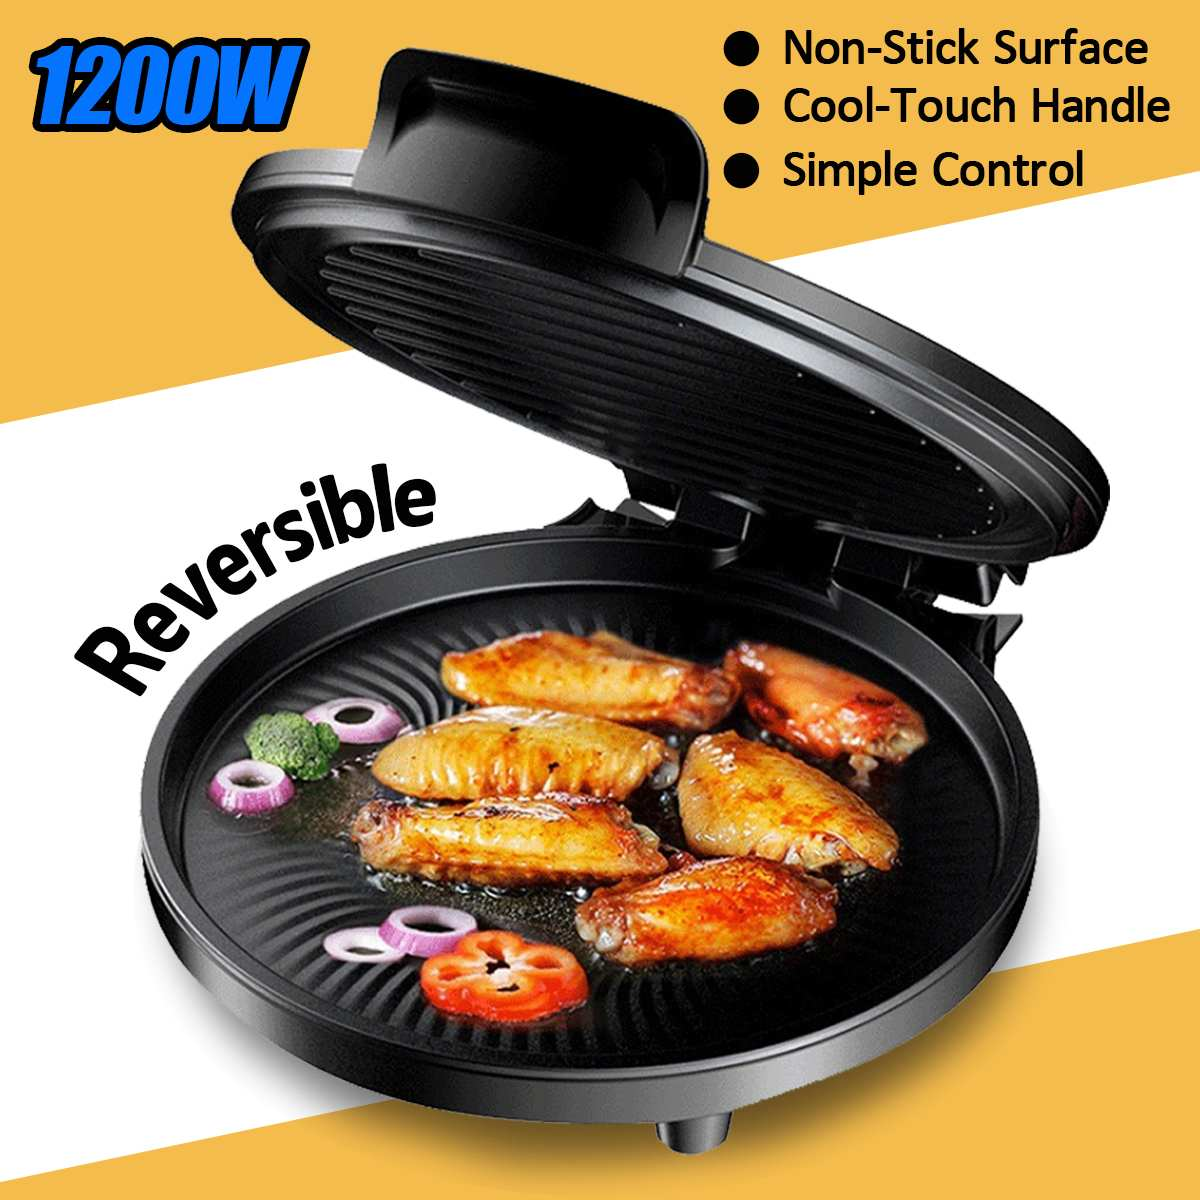 Gril électrique de Table de fabricant de Pizza de plaque de cuisson de 1200 W Barbecue antiadhésif gril électrique de casserole de viande pour la maison de cuisine de partie